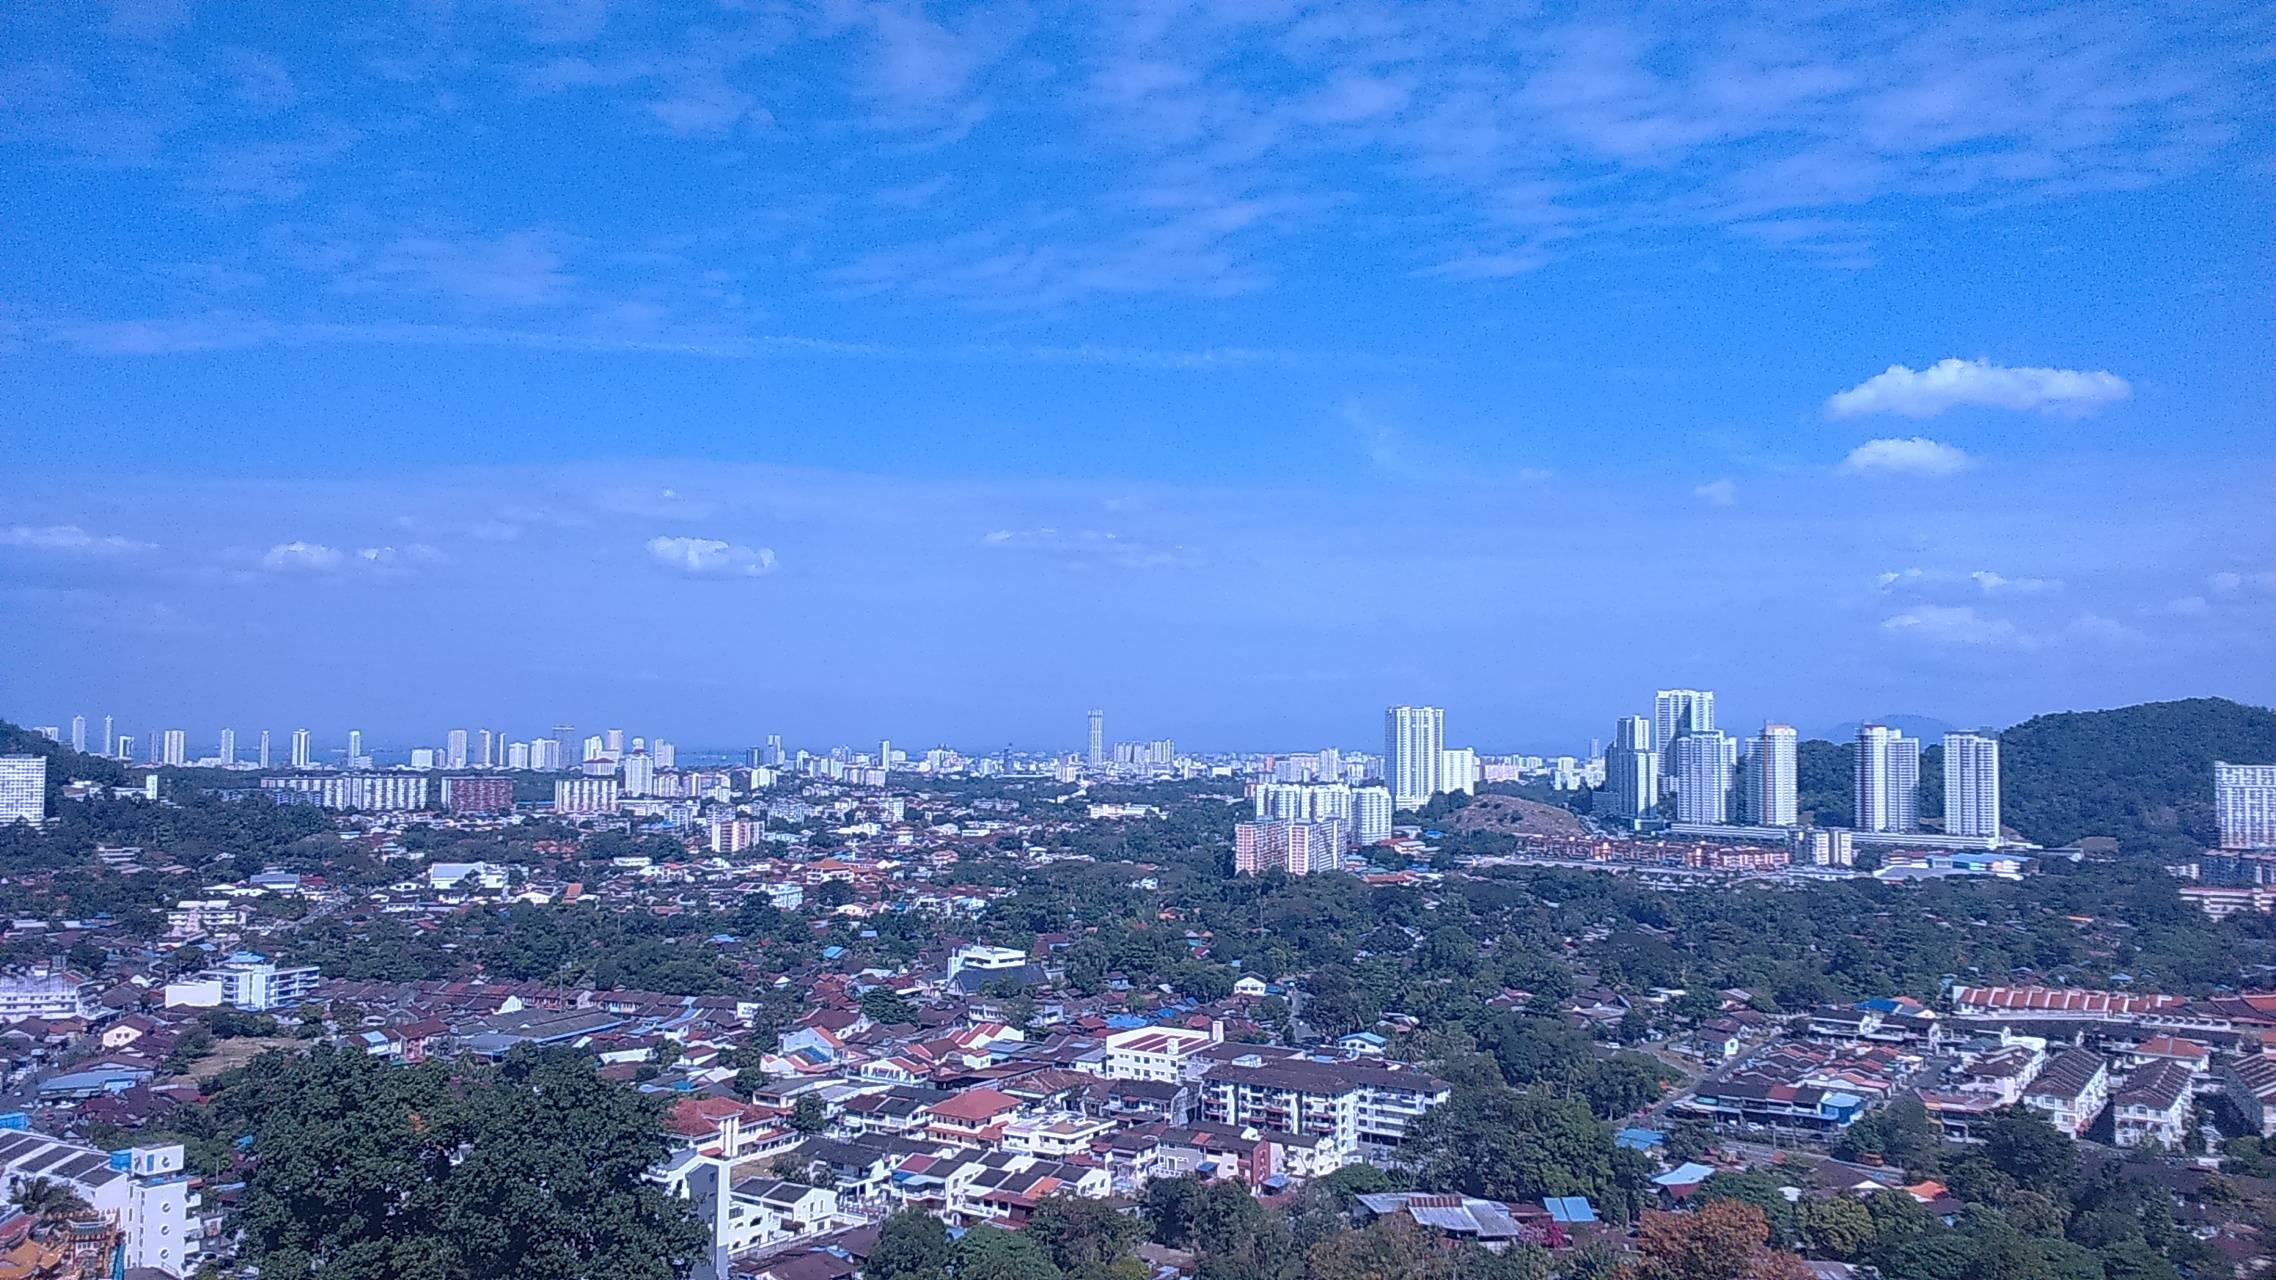 pinang malaysia